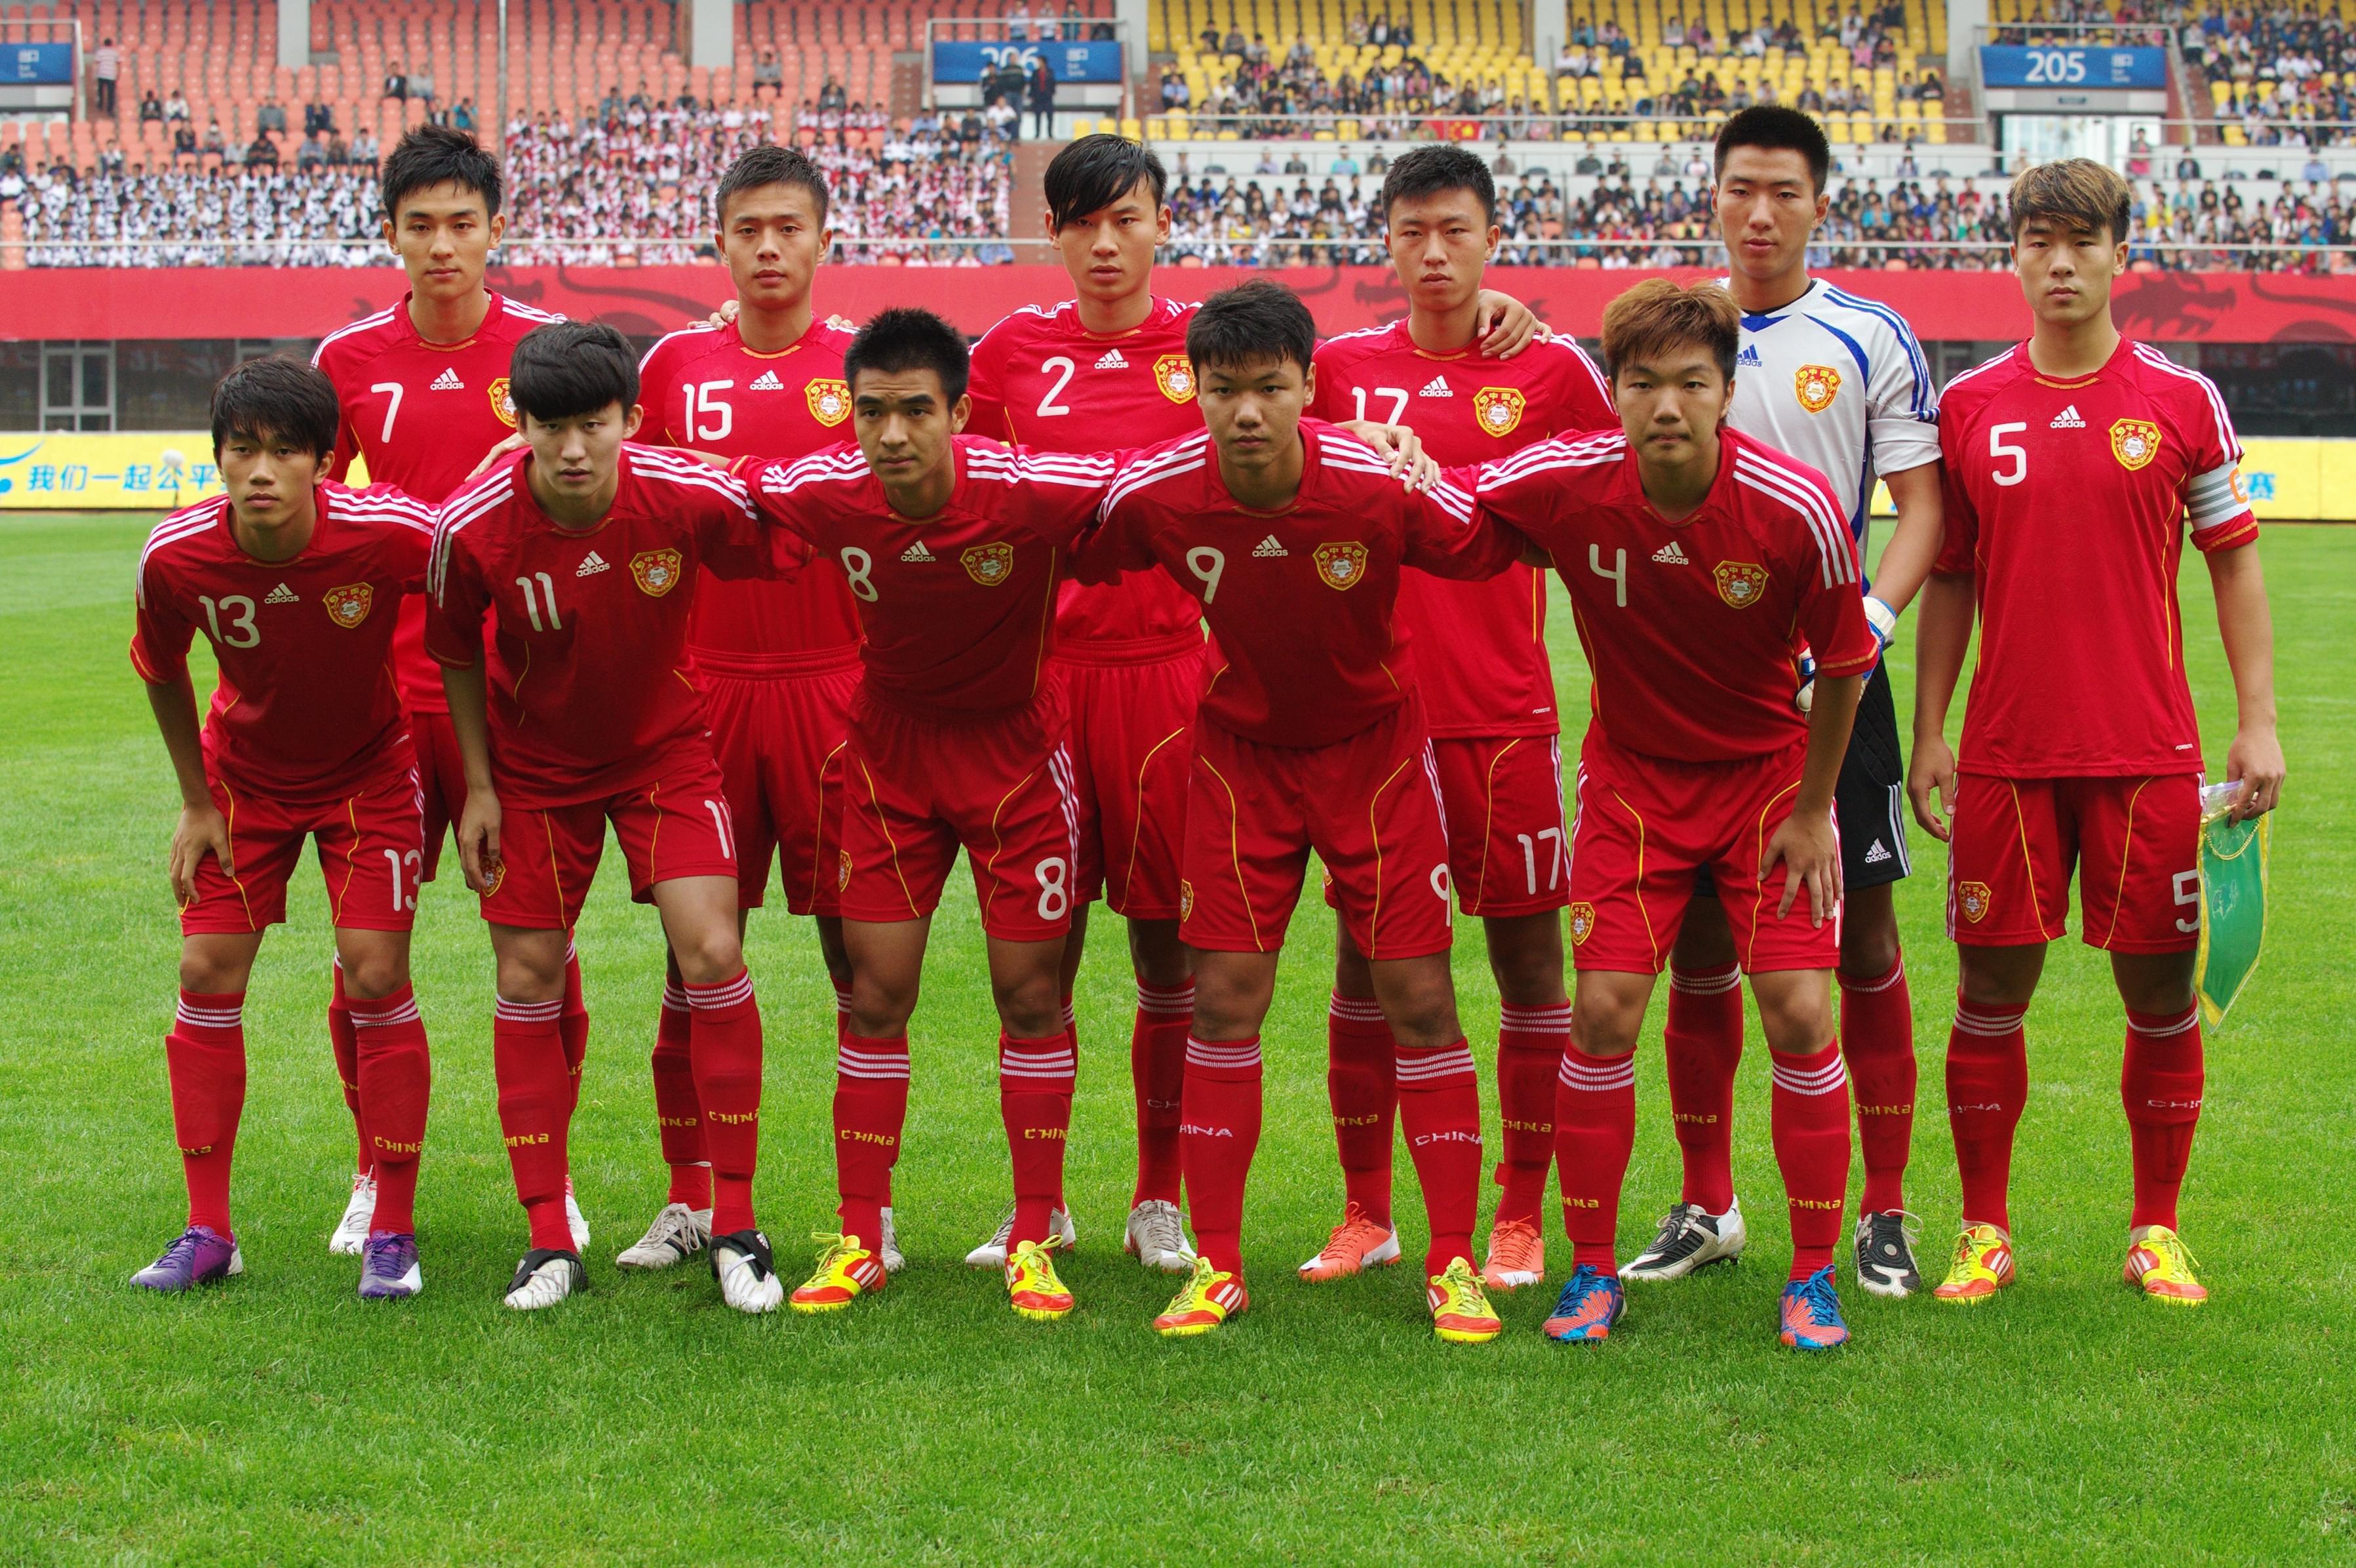 2012时候的国青同时有3个贵州籍球员入选,陈中流、谢鹏飞、方镜淇都是贵州人。